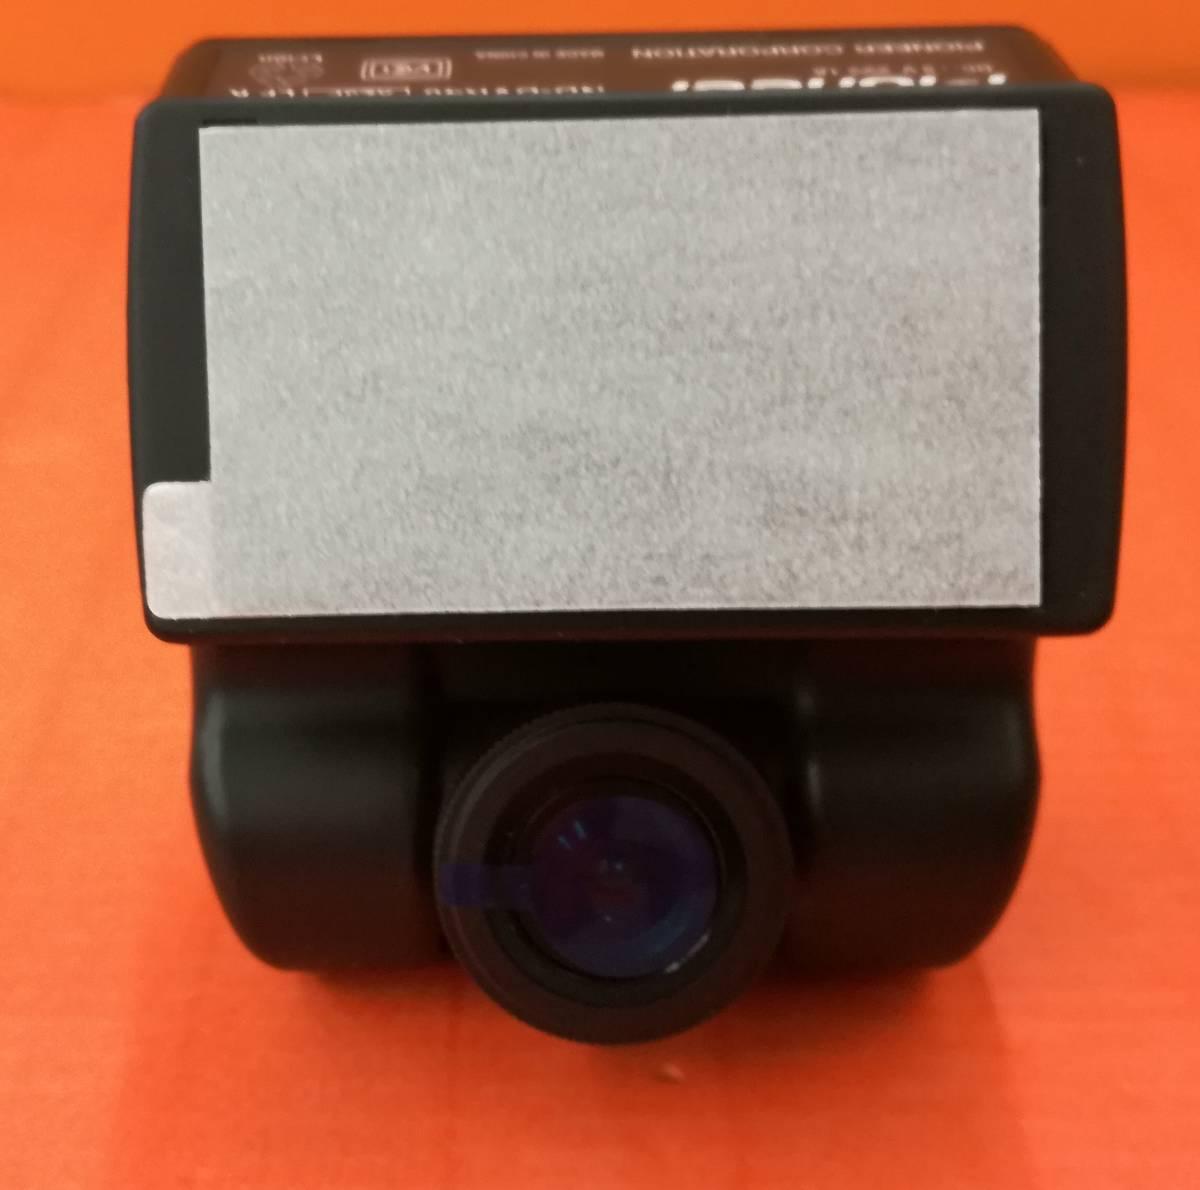 未使用 carrozzeria ドライブレコーダー ND-DVR40 パイオニア カロッツェリア_画像2